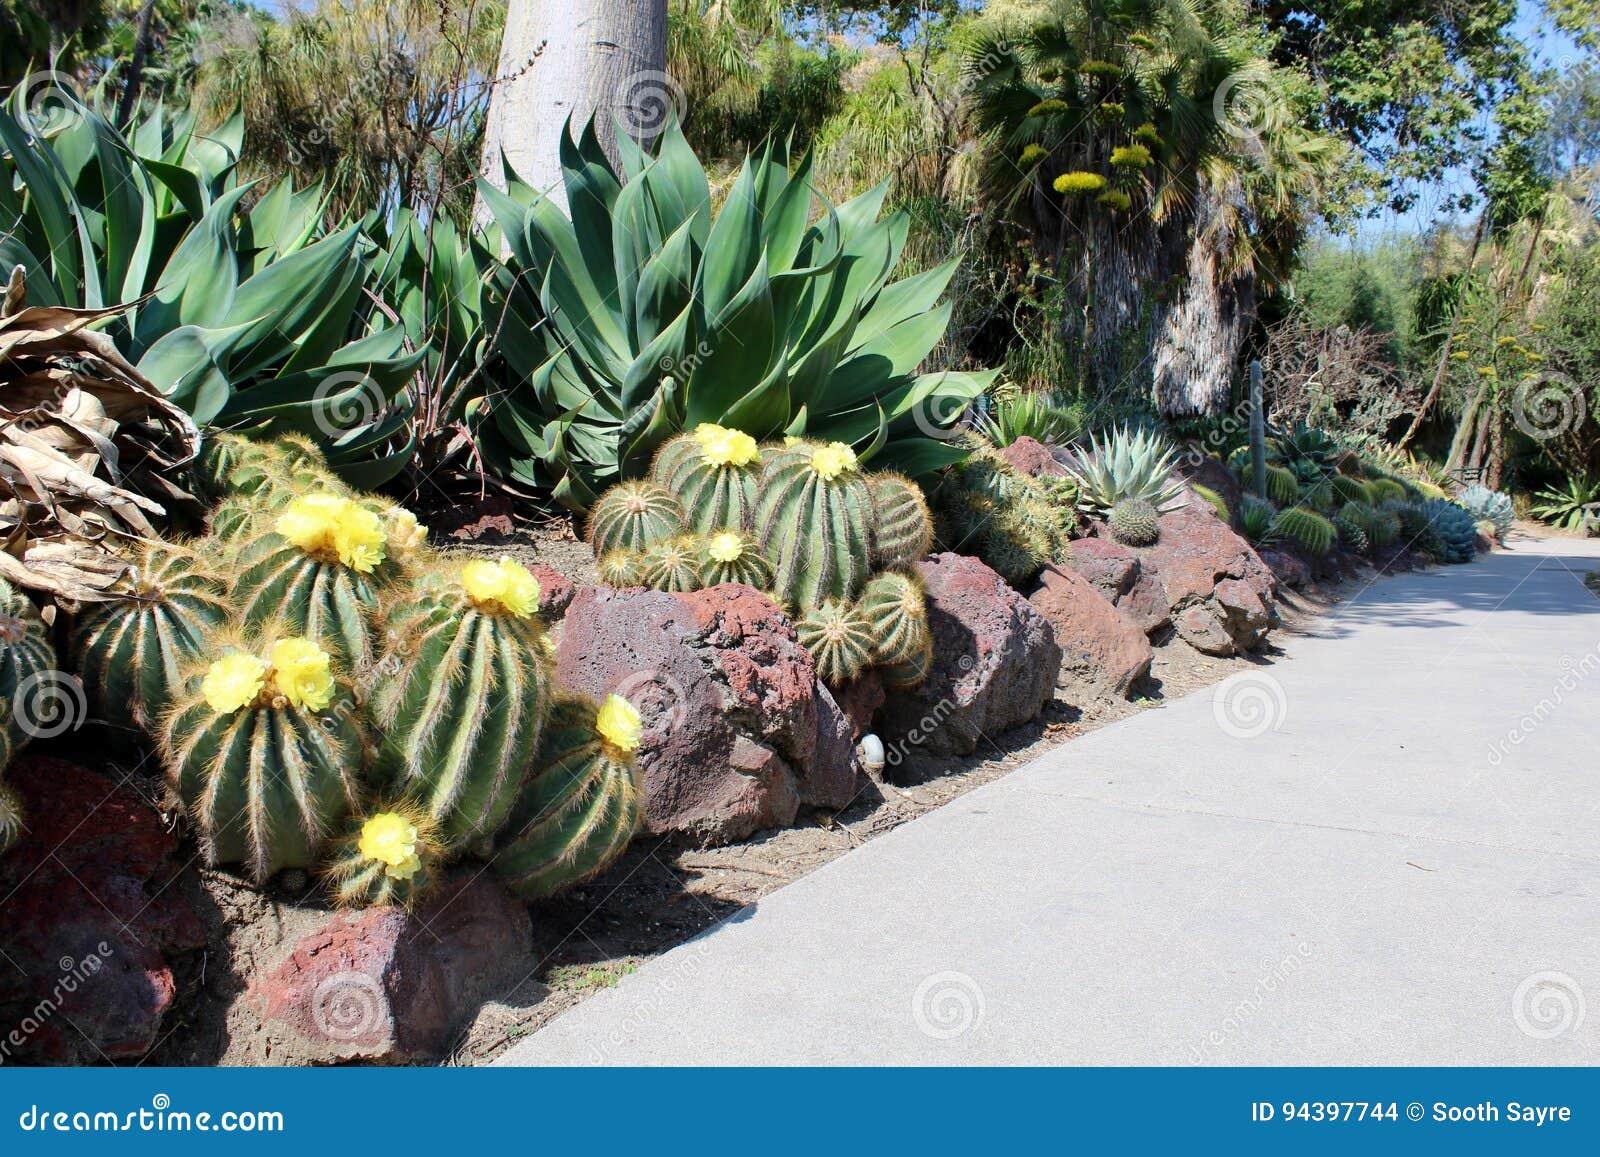 Desert Cactus Stock Photo Image Of Desert Flora Gardens 94397744